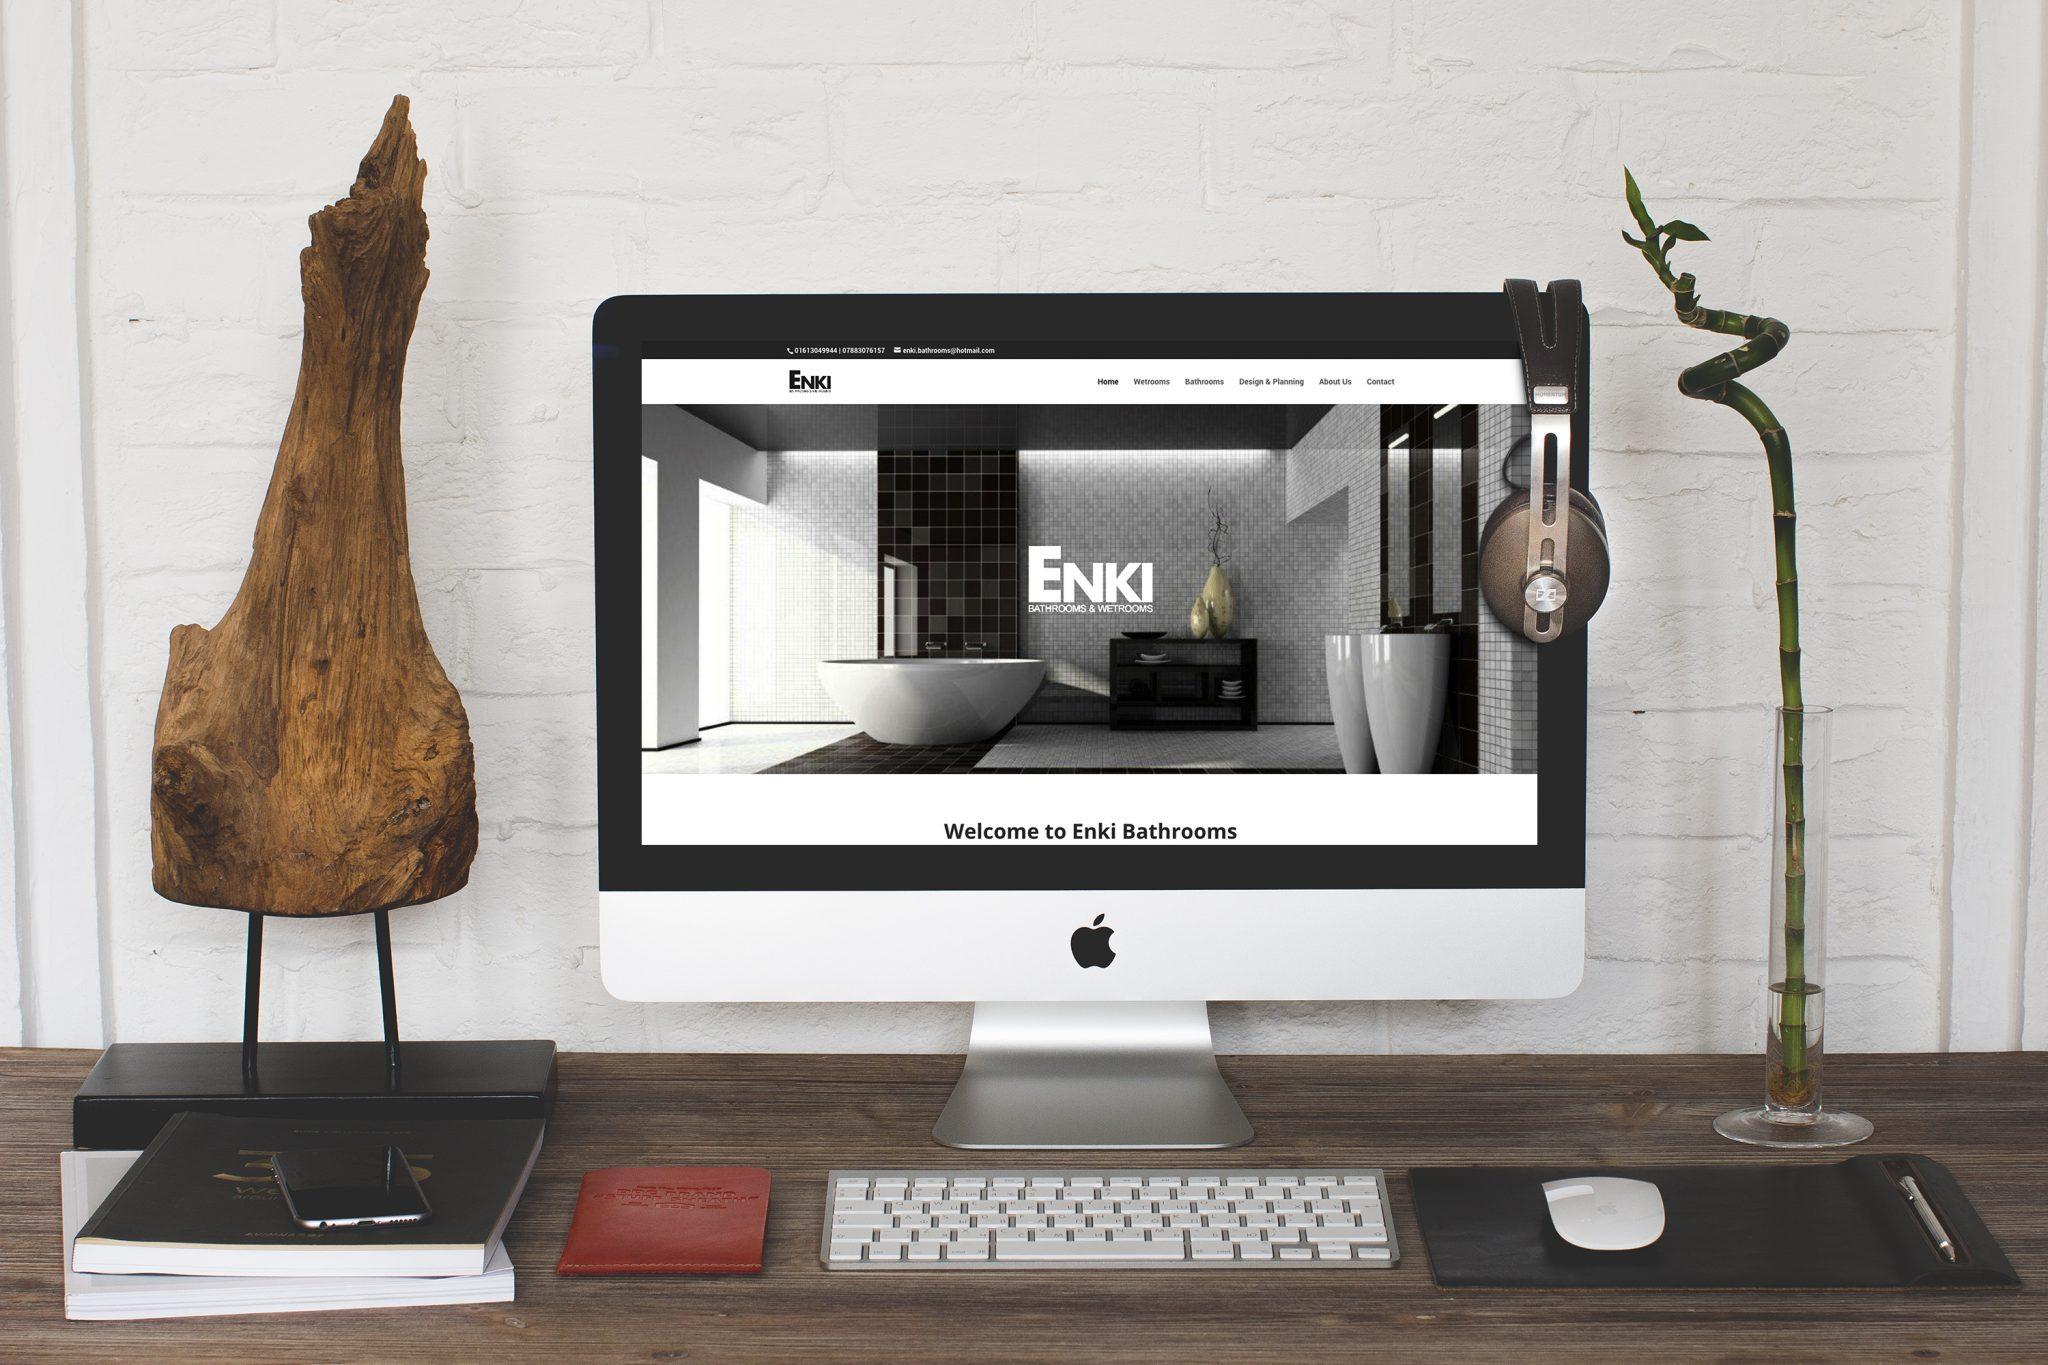 Enki Bathrooms Website